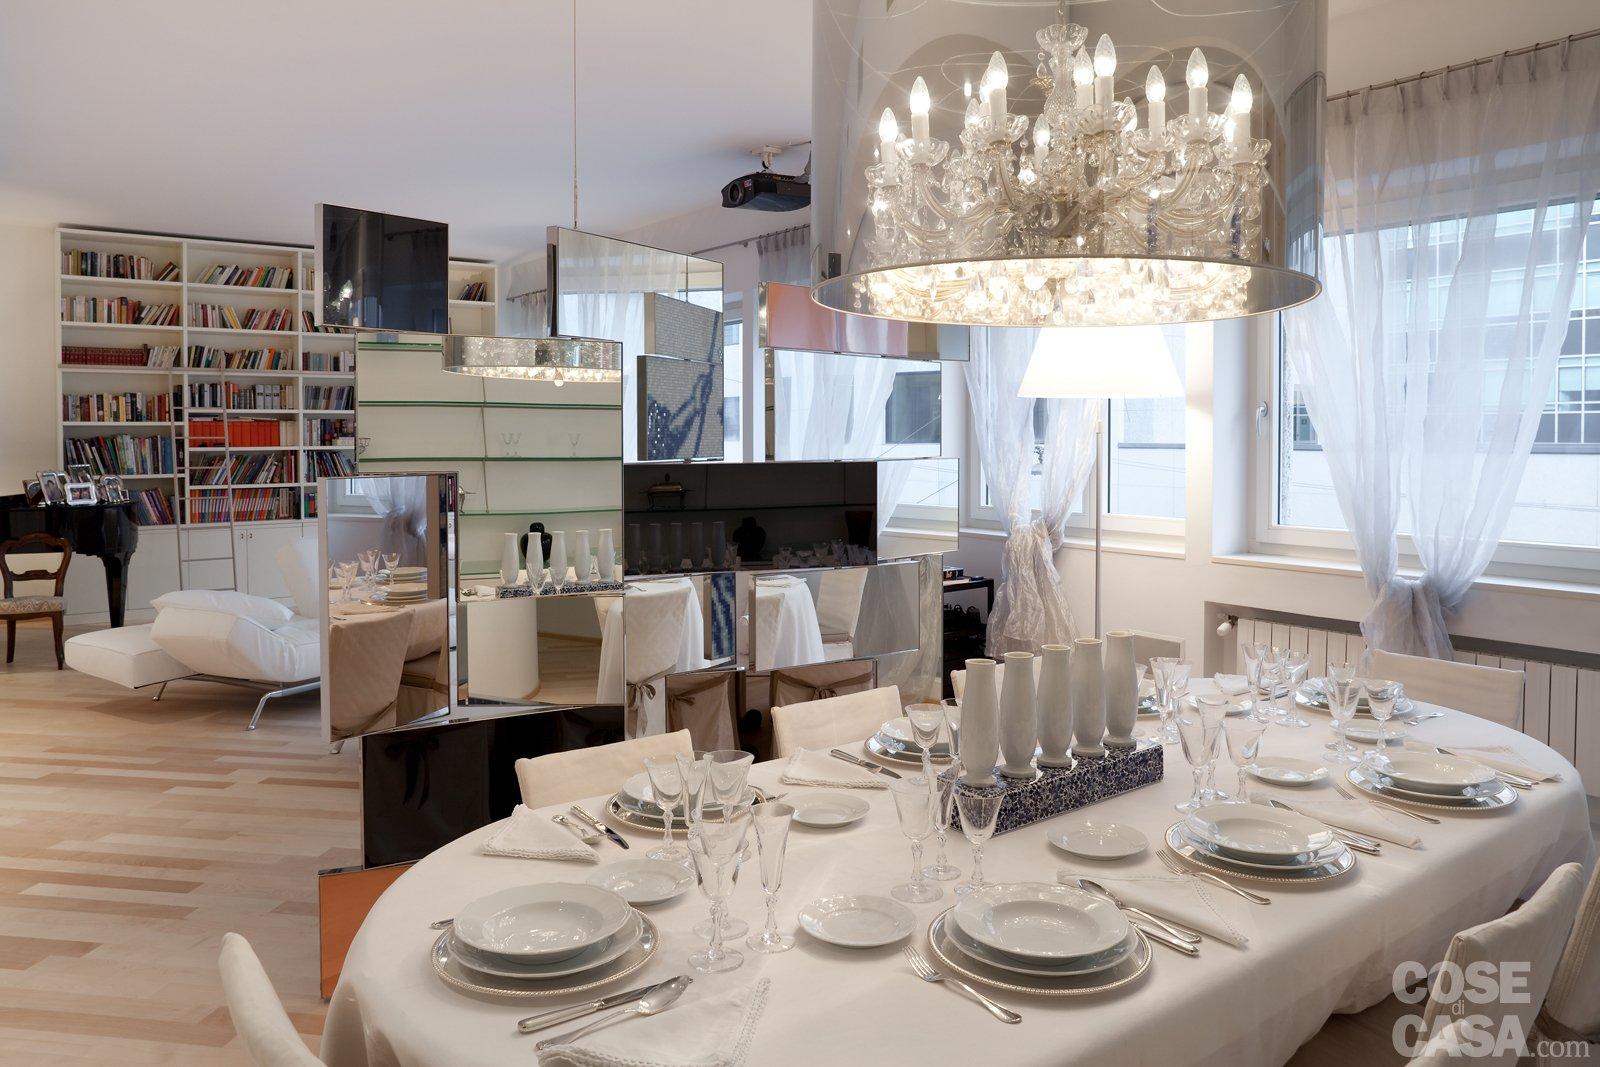 Una Casa Pensata Per Il Risparmio Energetico Cose Di Casa #674A3B 1600 1067 Lampada Sala Da Pranzo